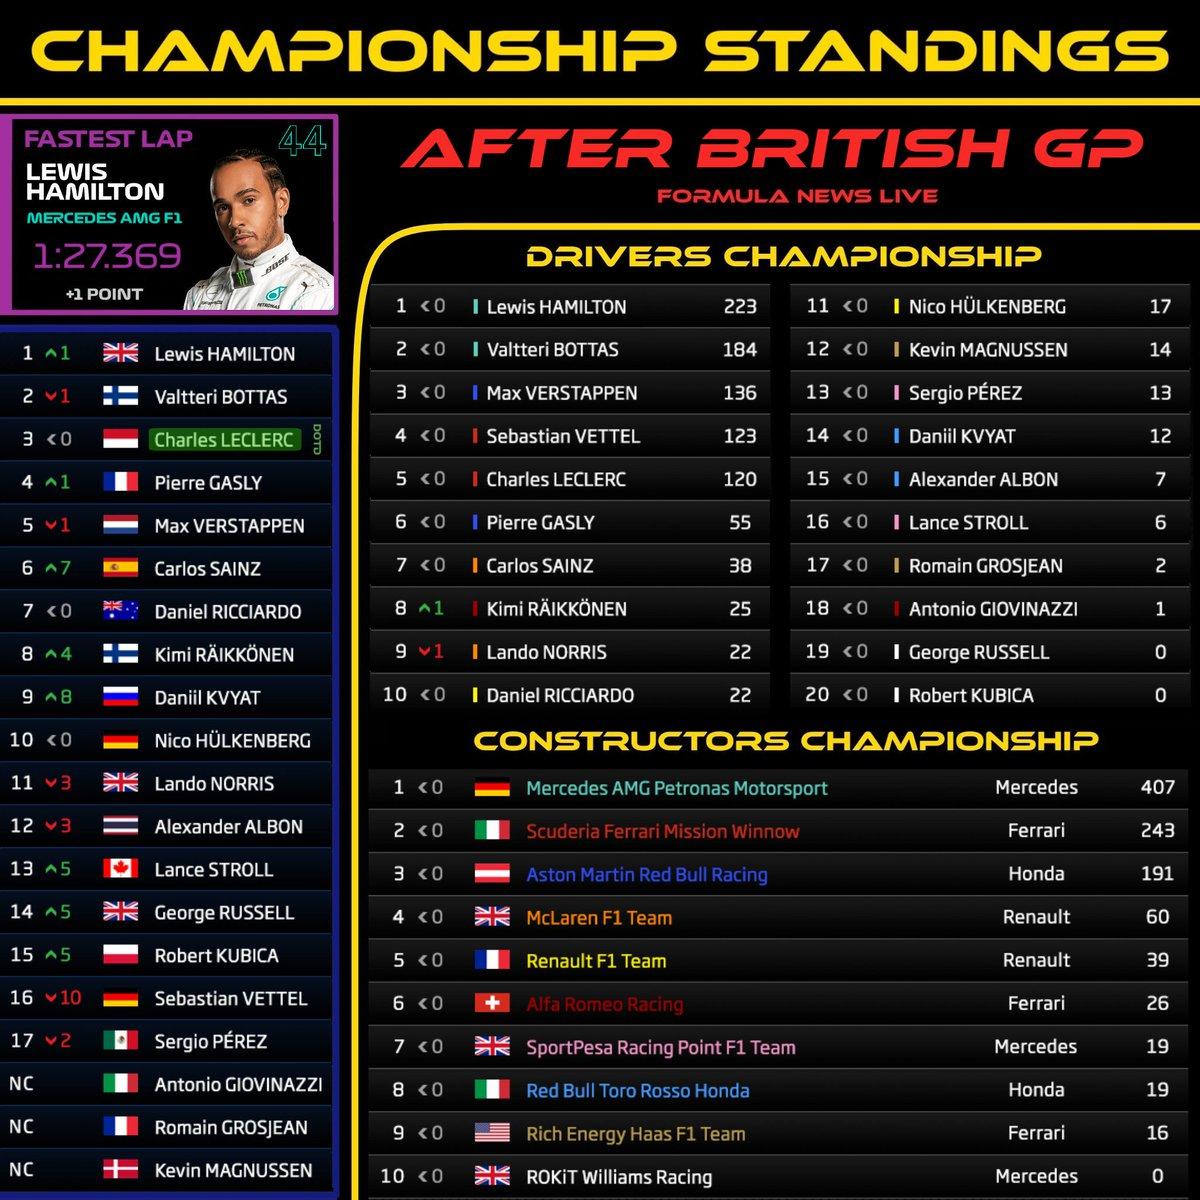 🇬🇧 #BritishGP 2019 🇪🇸 Así queda el Campeonato de Pilotos y Constructores tras la 10a Ronda del Mundial! ➡️ Lewis Hamilton sigue aumentando la ventaja tras conseguir todos los puntos posibles! ➡️ Kimi Raikkonen supera a Lando Norris tras no puntuar en Silverstone!  #F1 #F12019